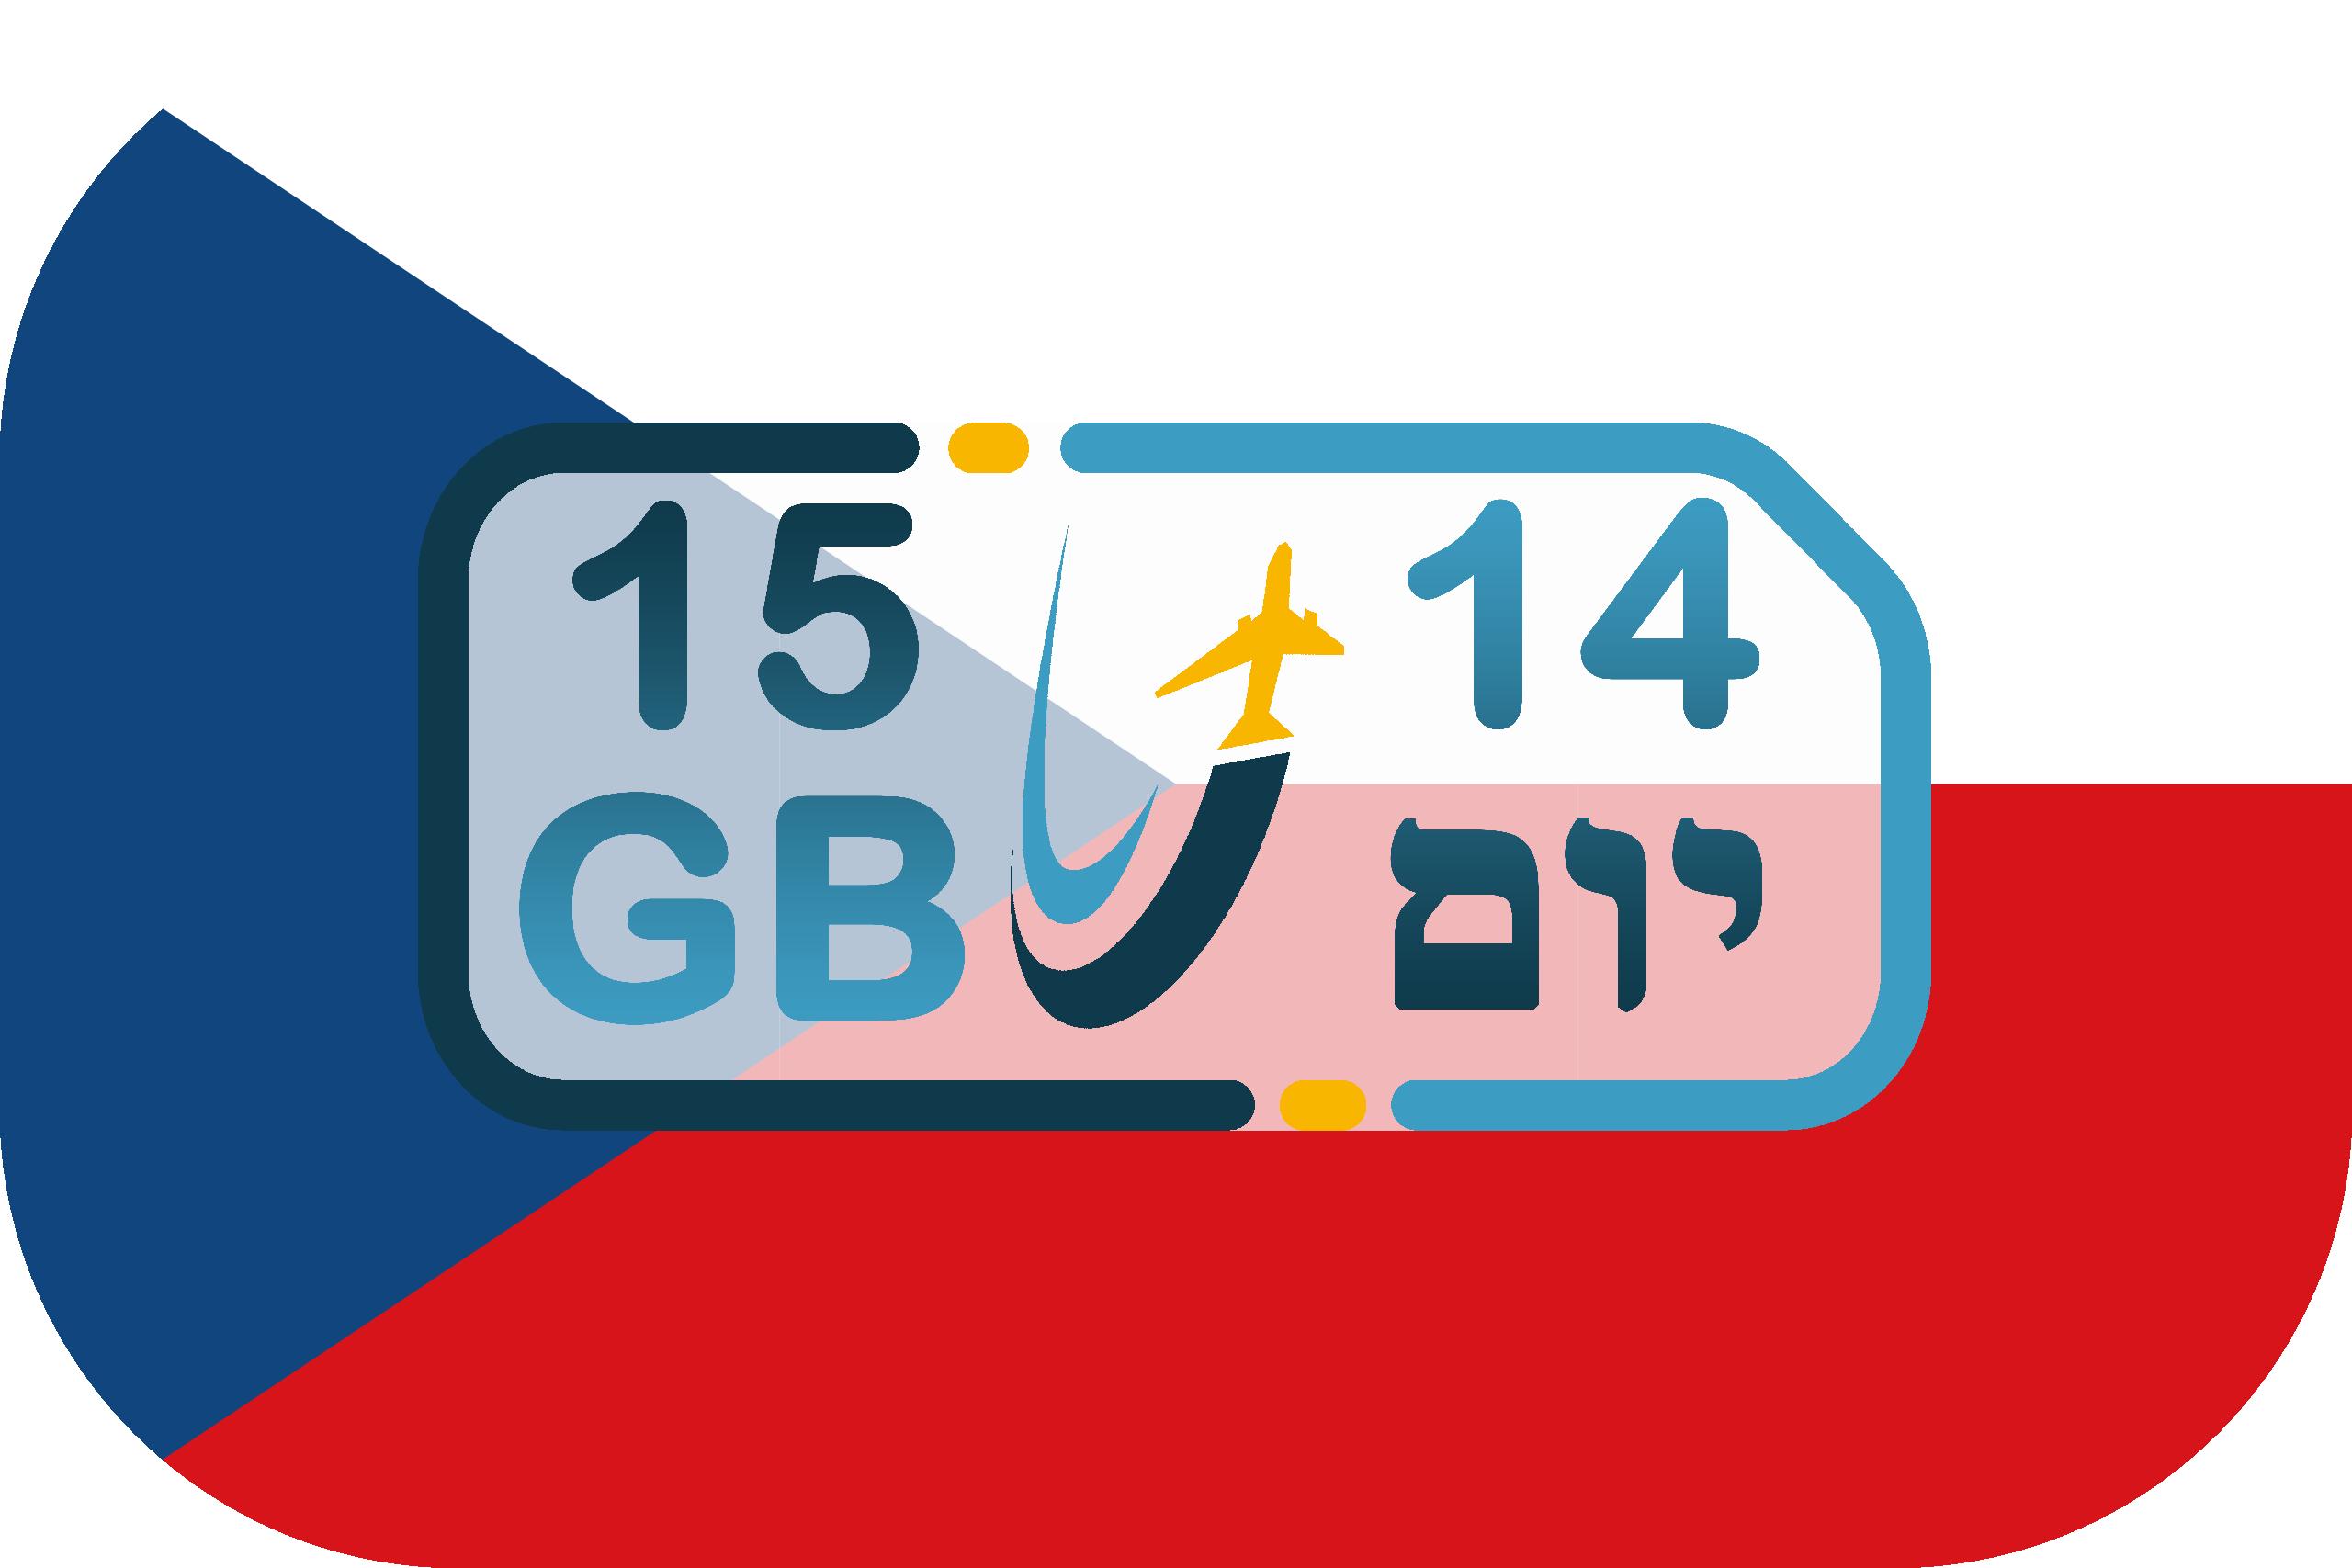 כרטיס סים בצ'כיה– גלישה 15GB (בתוקף ל- 14 יום)